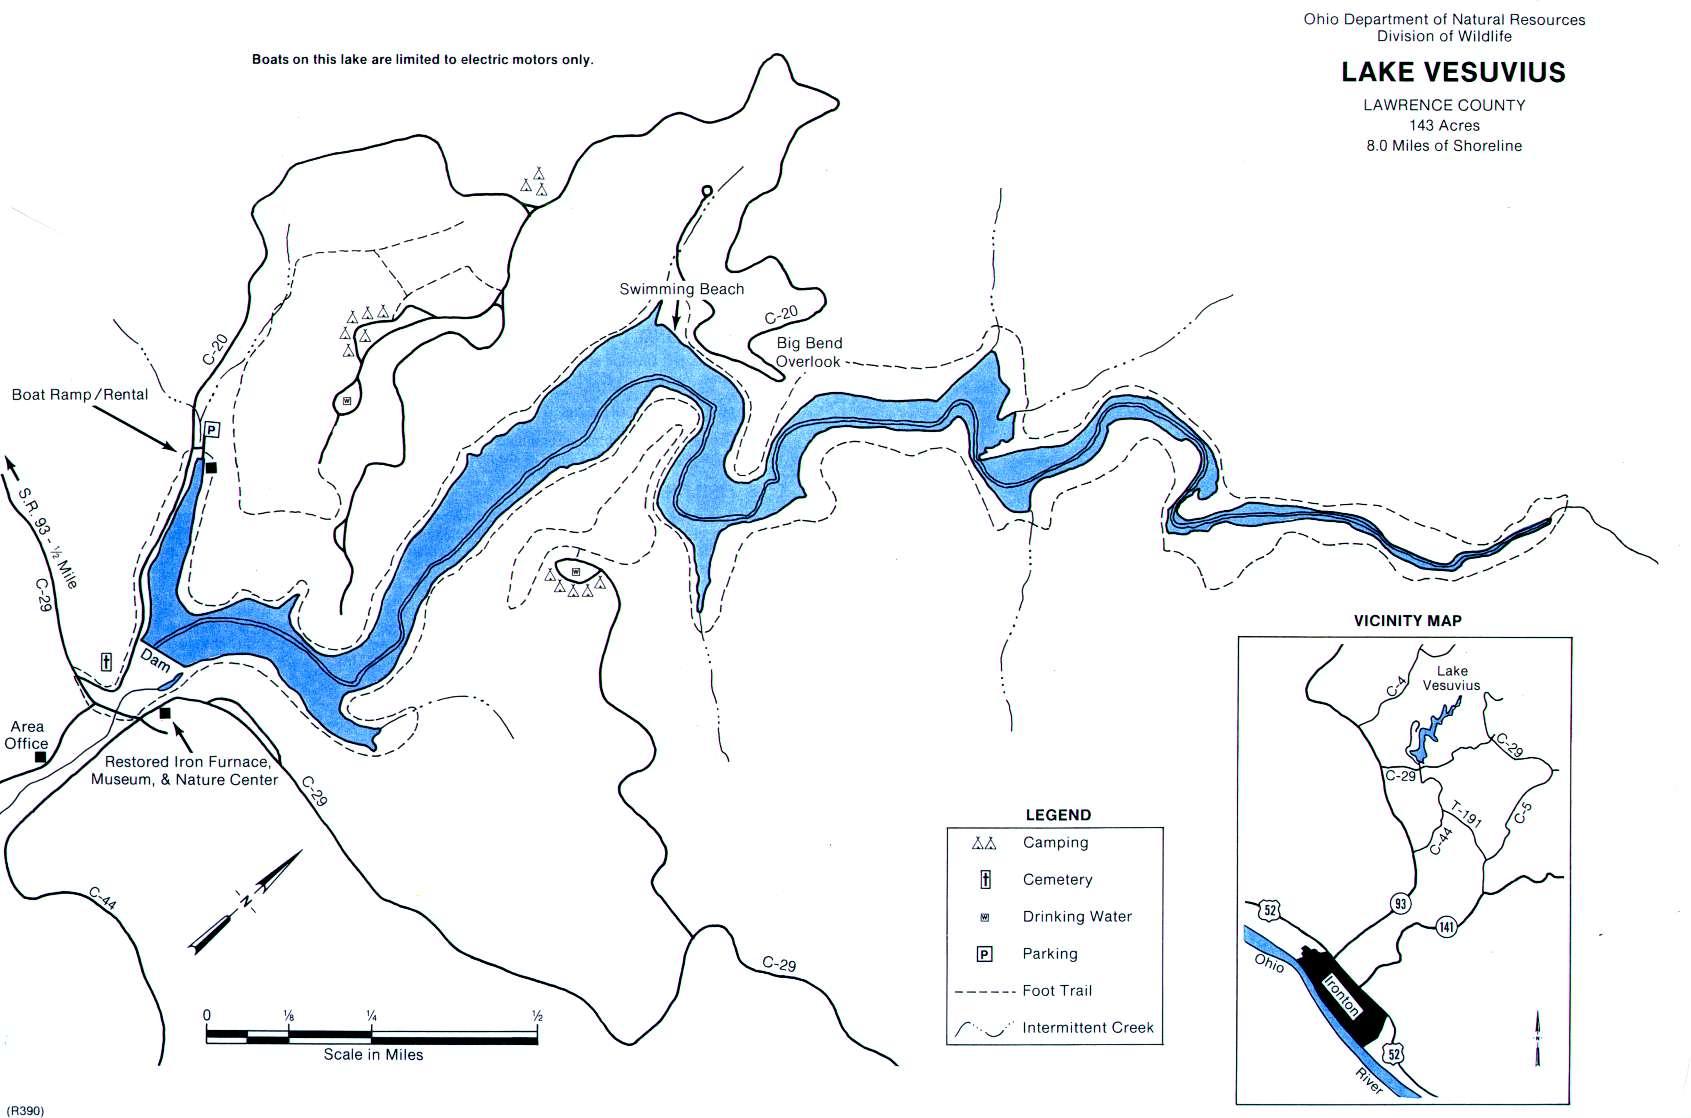 Lake Vesuvius Fishing Map - GoFishOhio